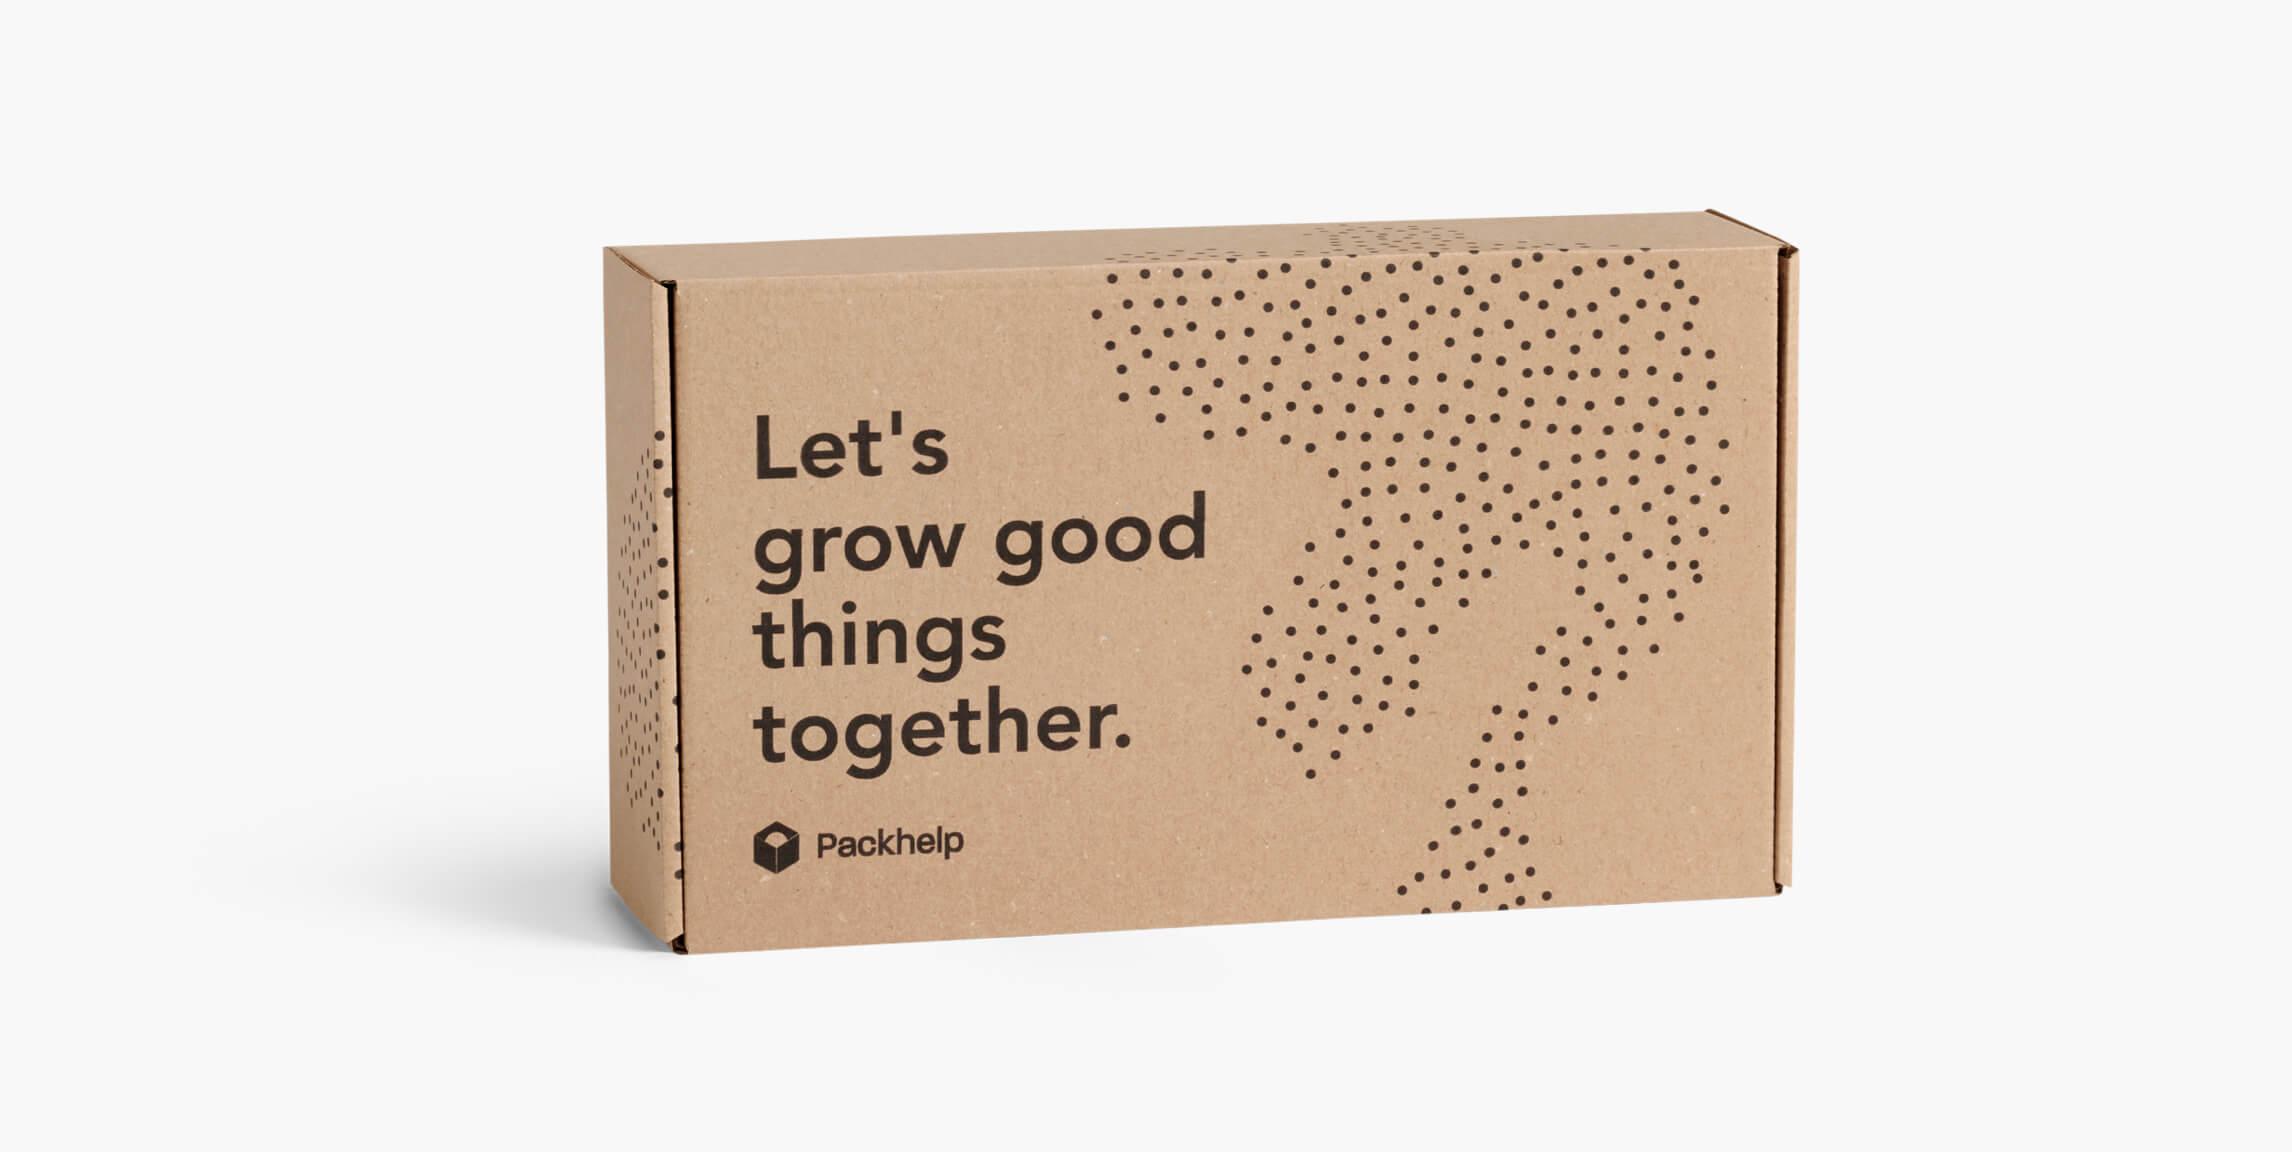 Boîte d'expédition éco - emballage personnalisé pour produits - Packhelp